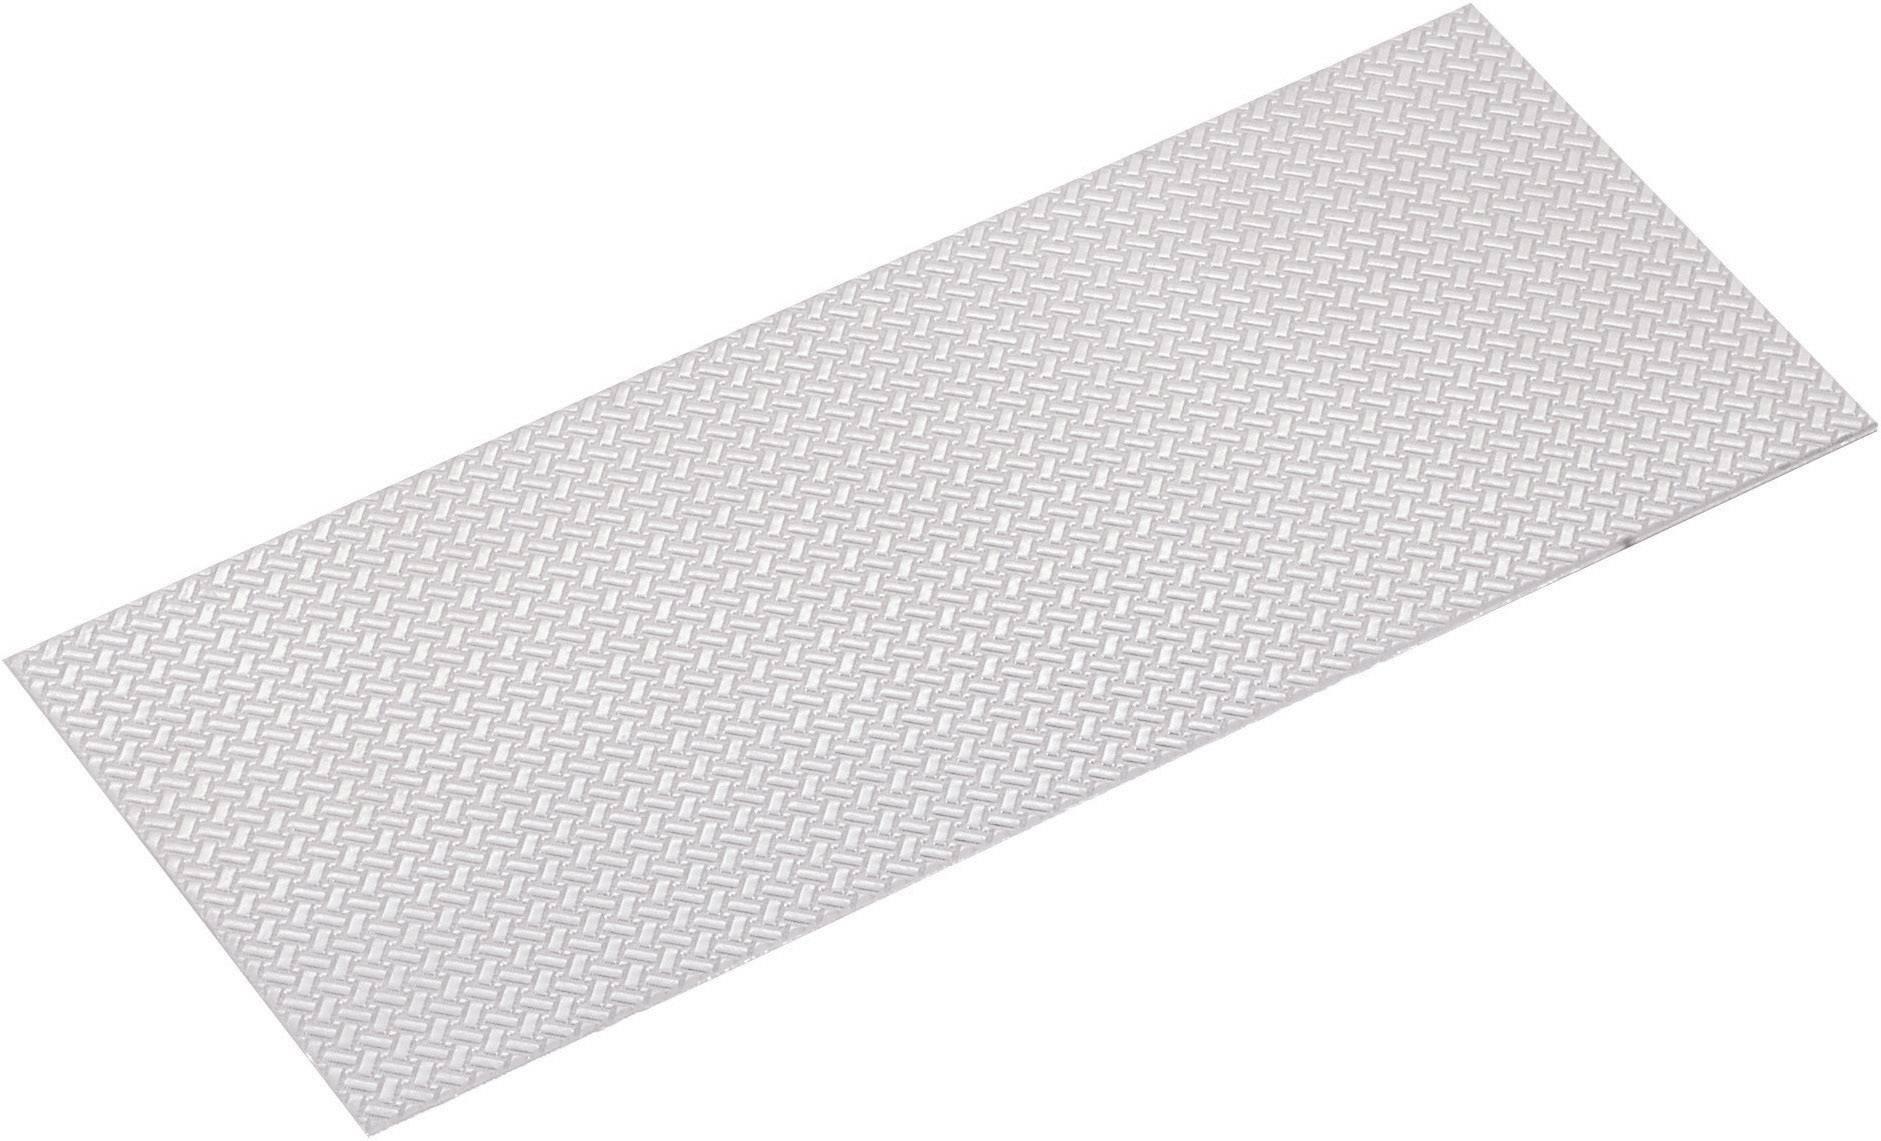 Hliníková deska hliníková 300 x 170 x 1,0 mm